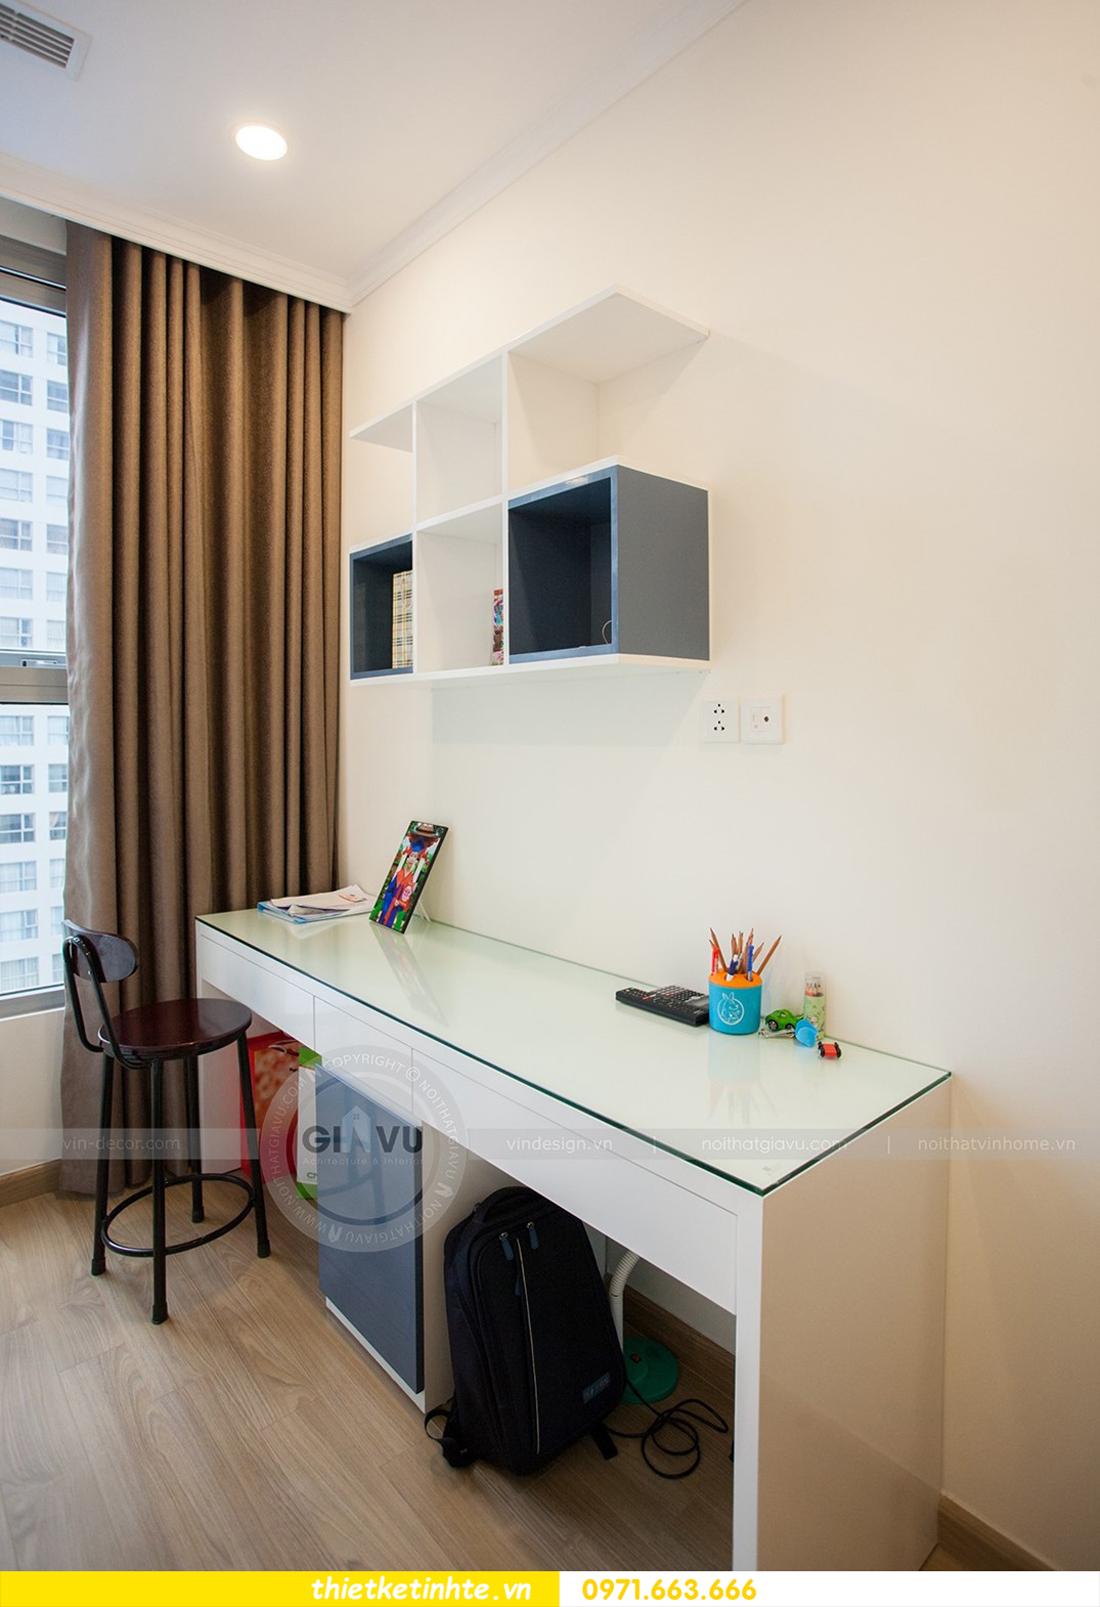 hoàn thiện nội thất căn hộ Vinhomes Gardenia tòa A2 căn 03 anh Hưởng 14